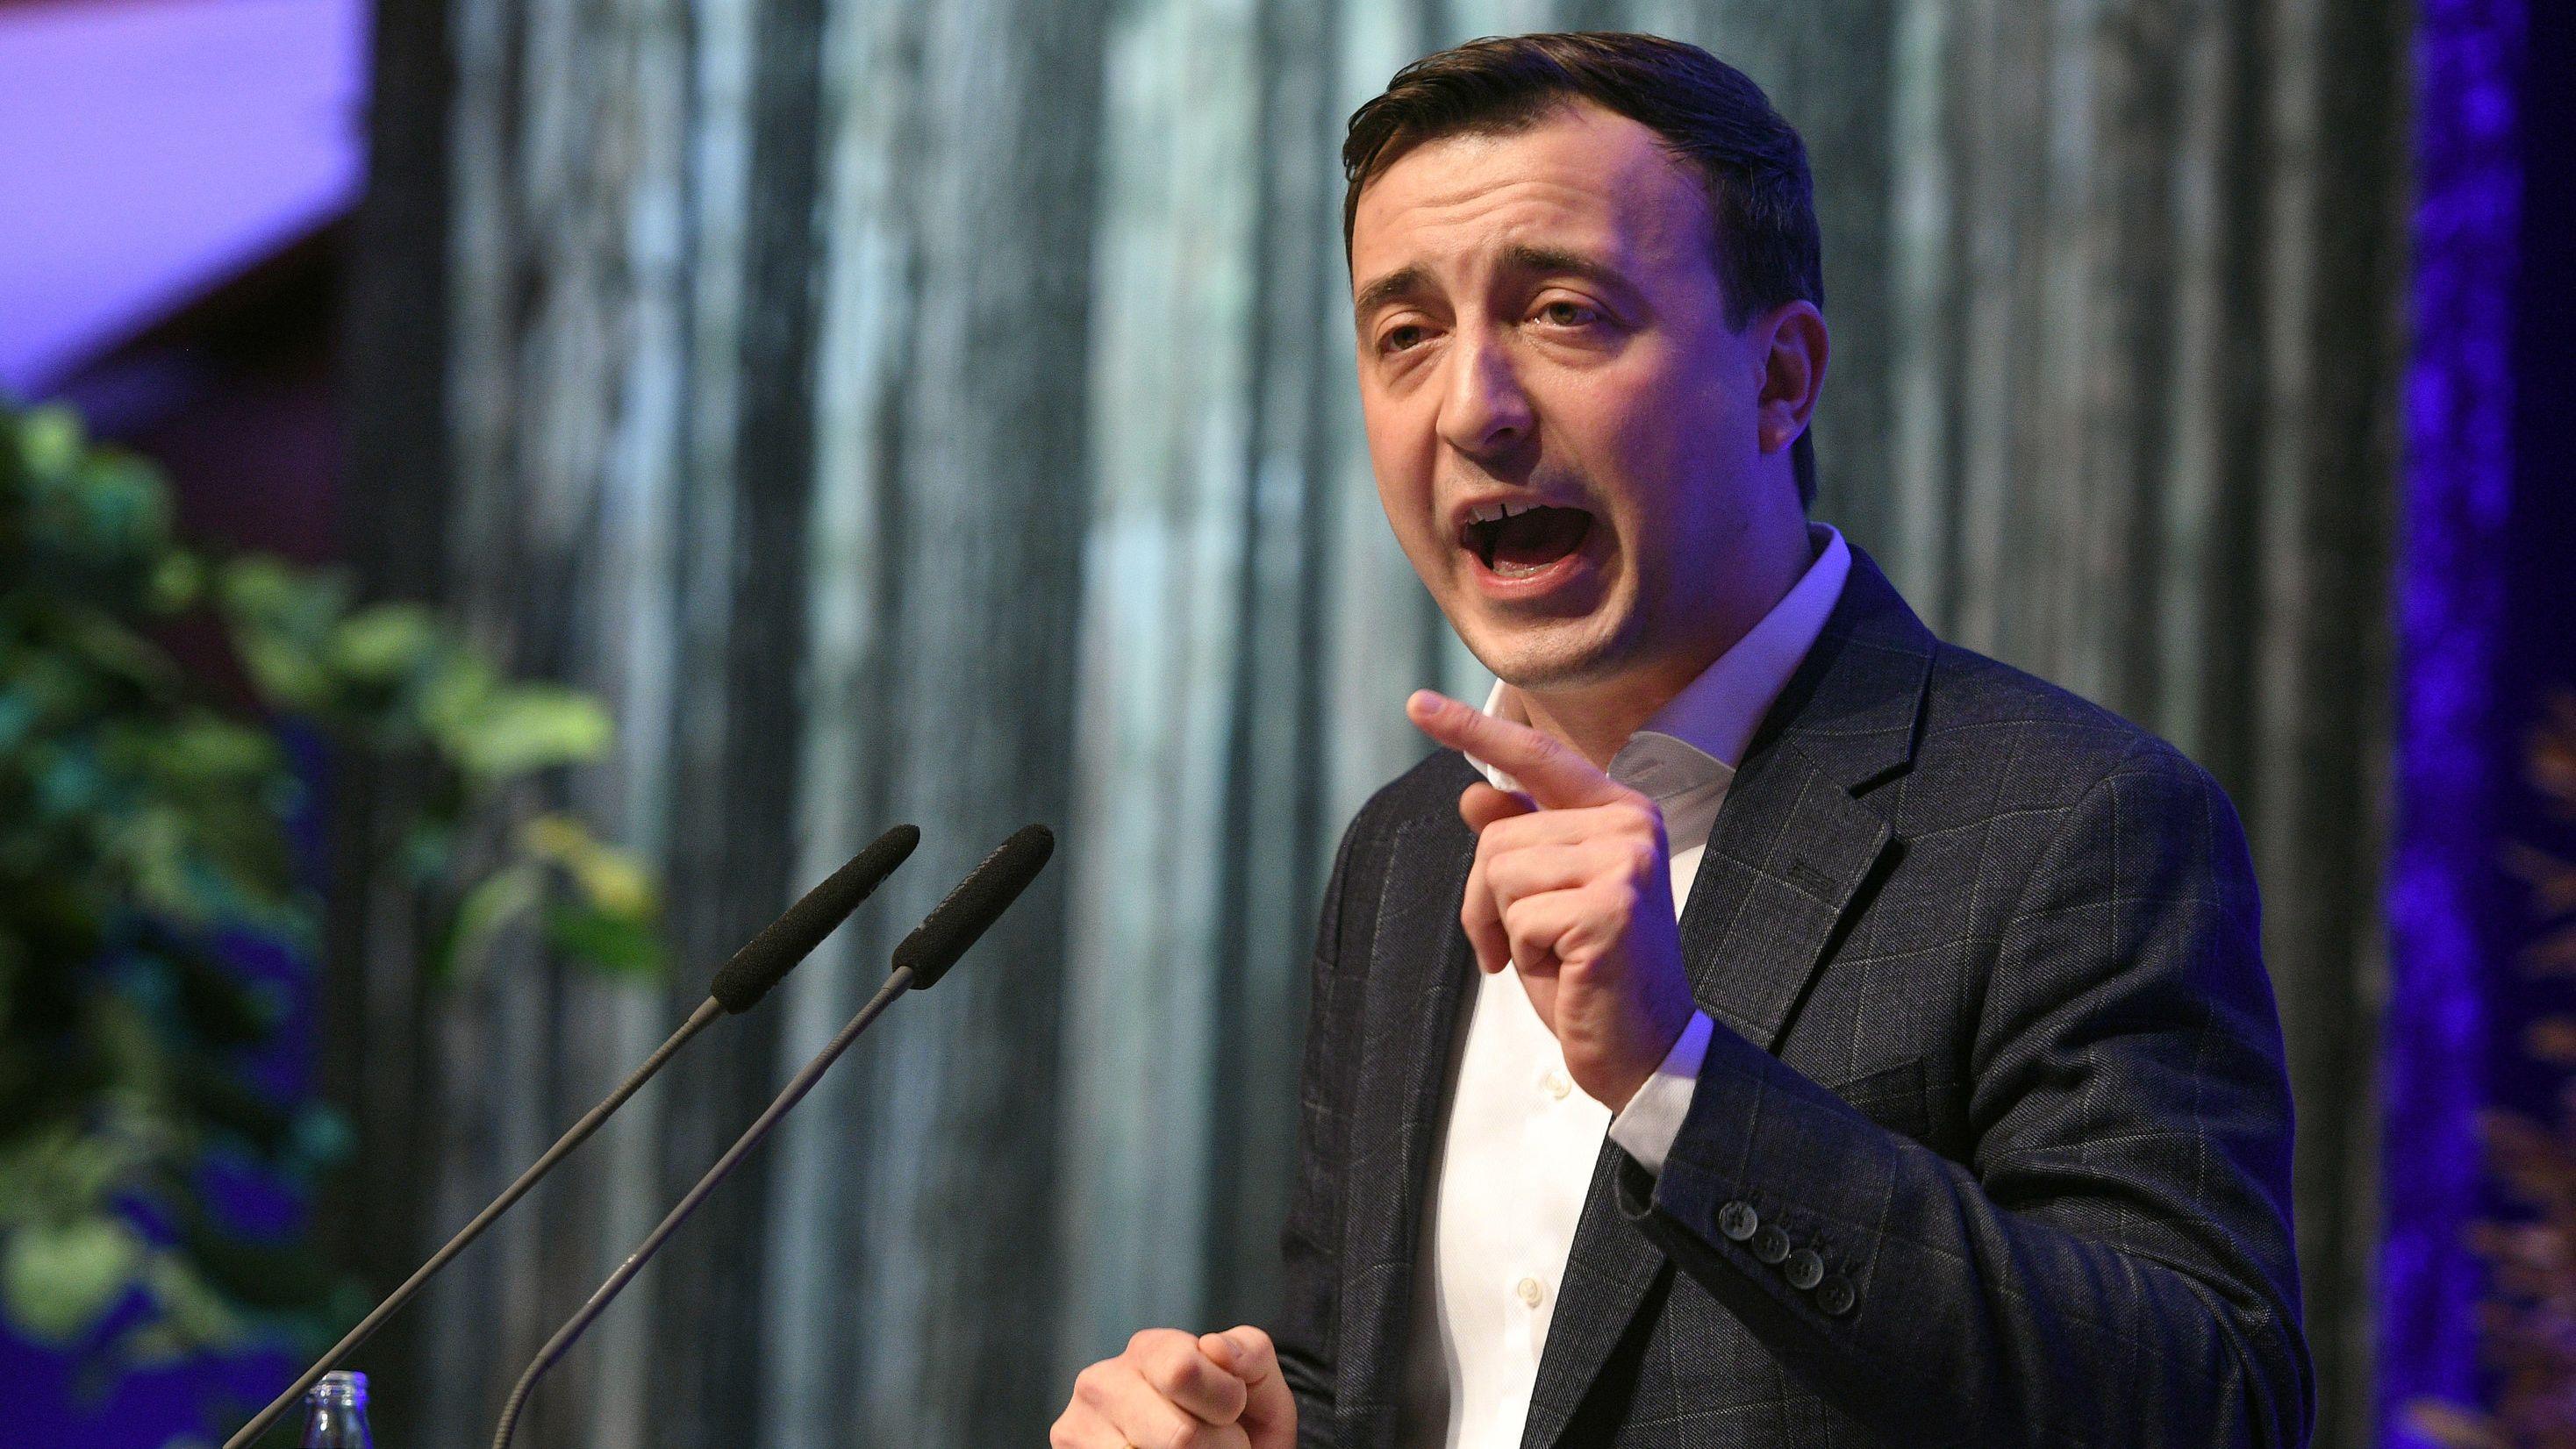 Paul Ziemiak, Generalsekretär der CDU